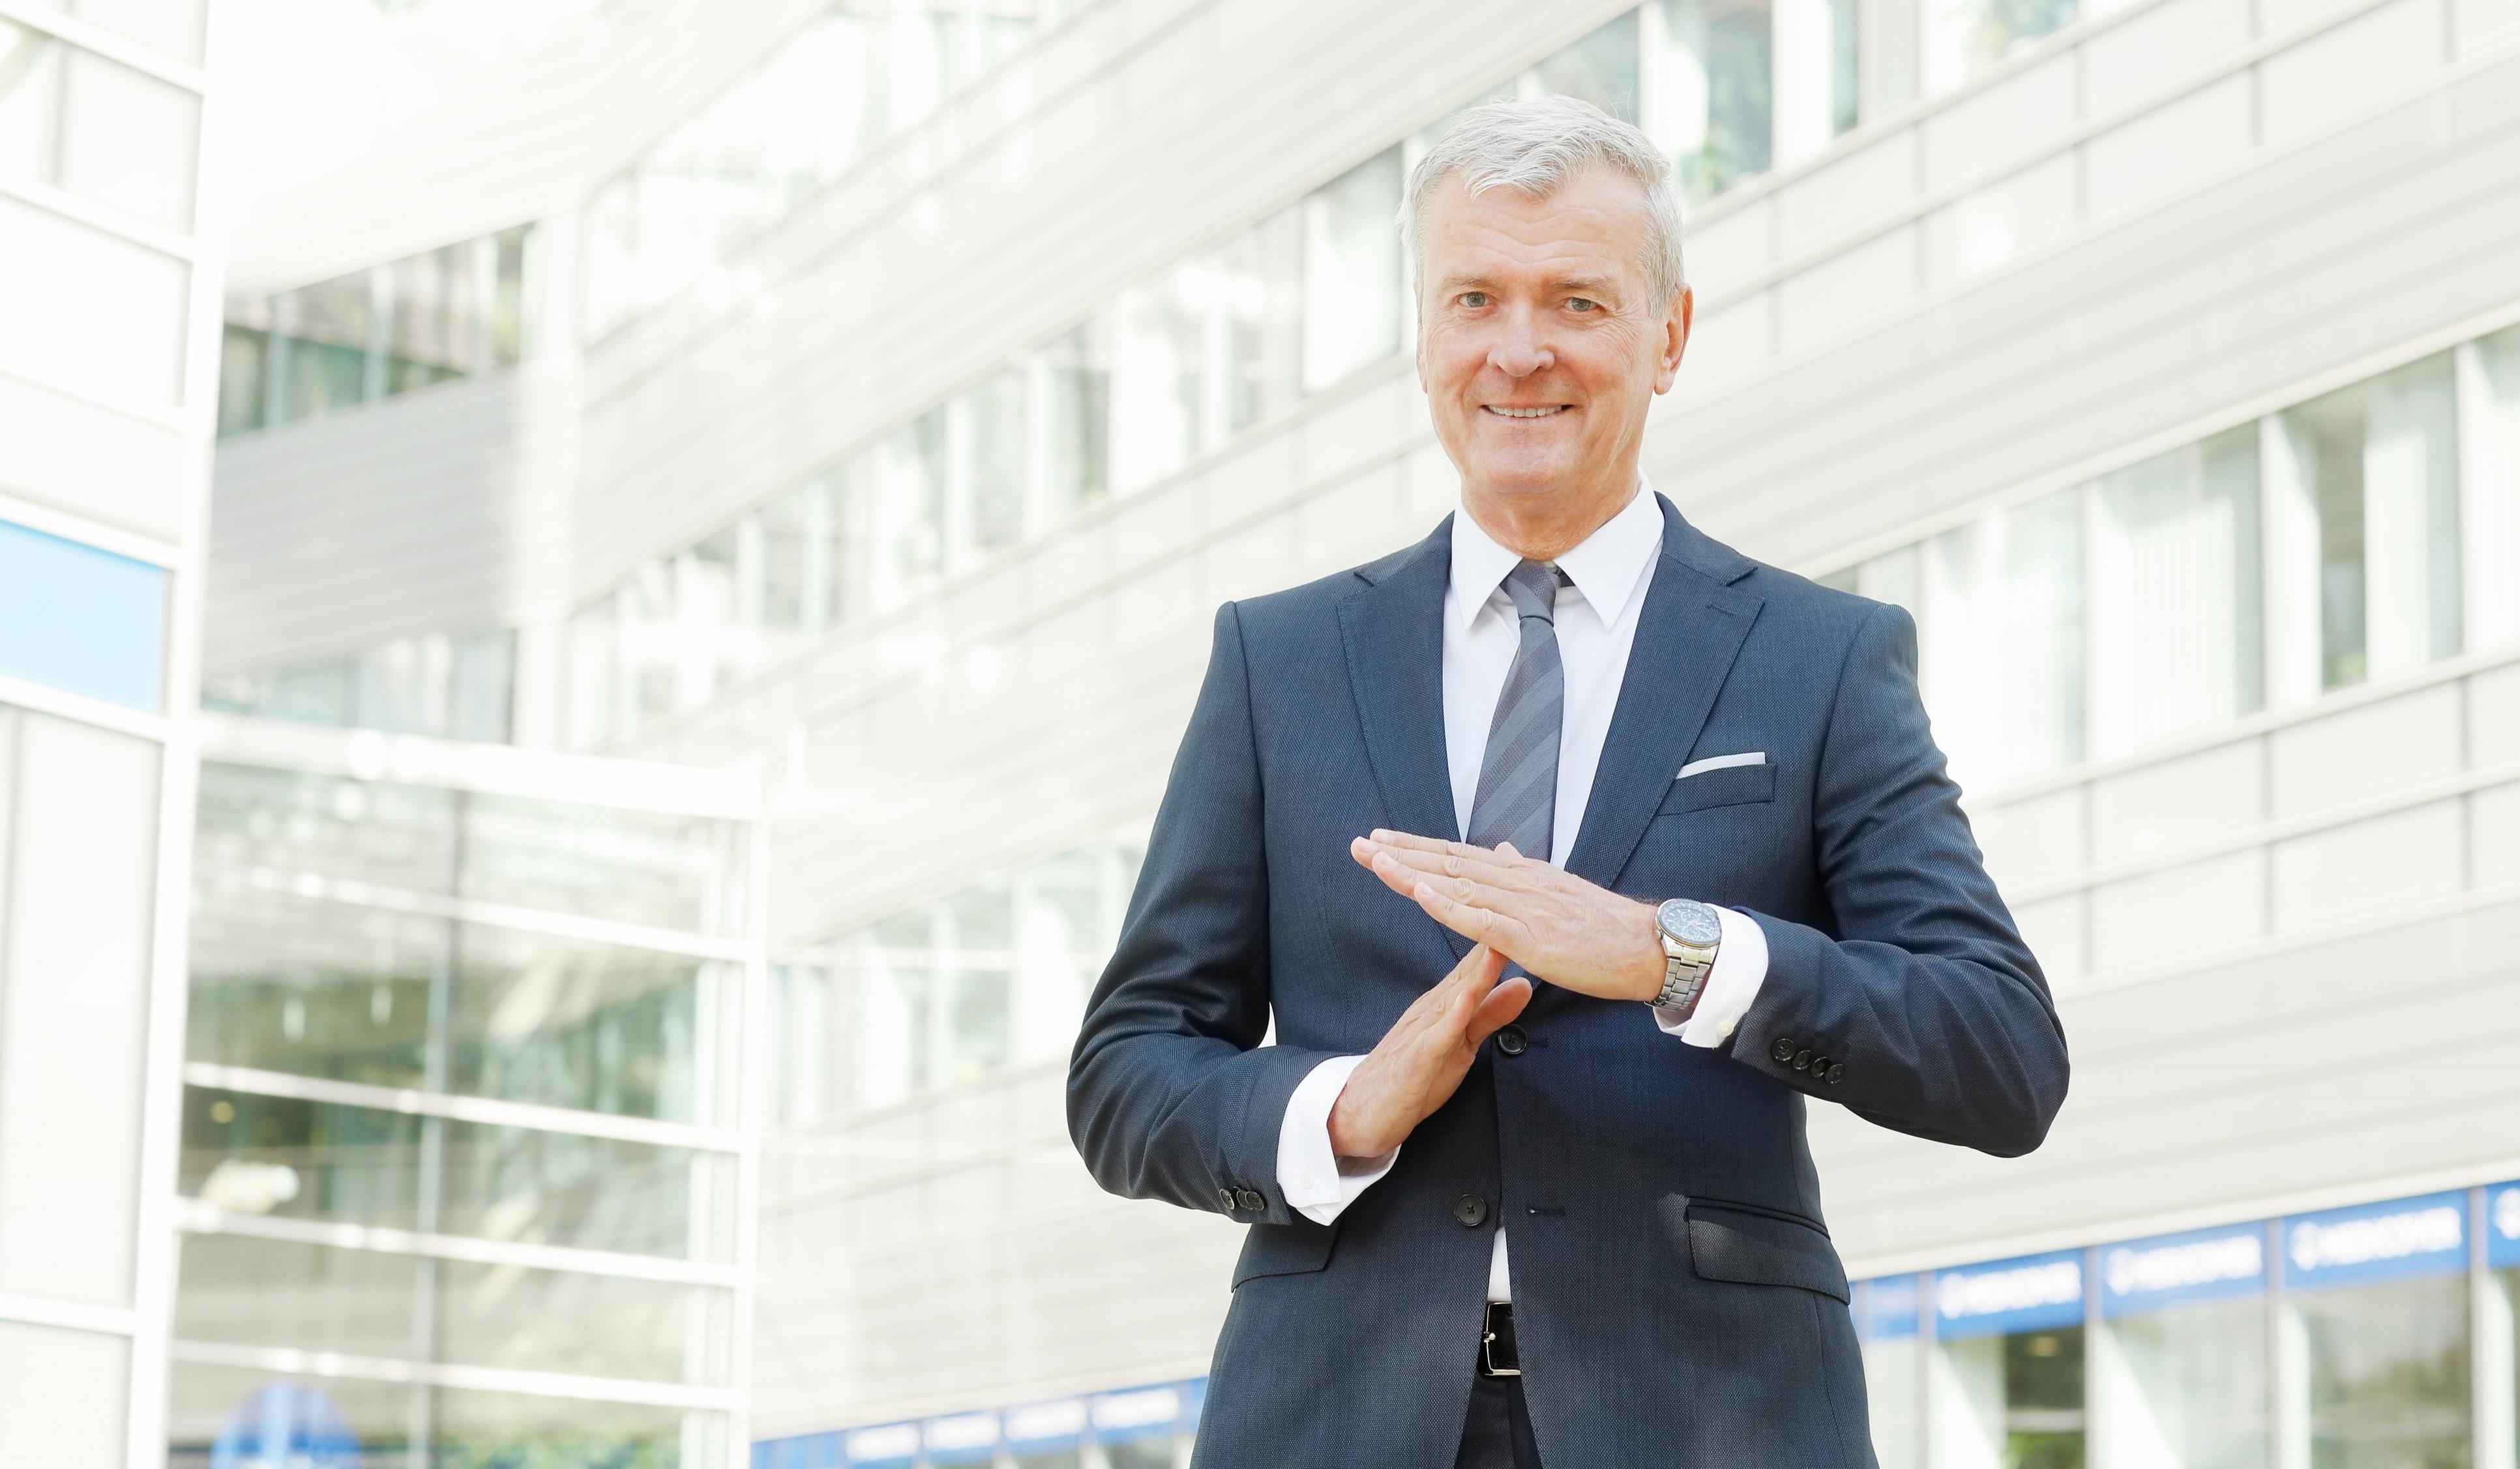 Administración del tiempo de un CEO: 4 Recomendaciones reales